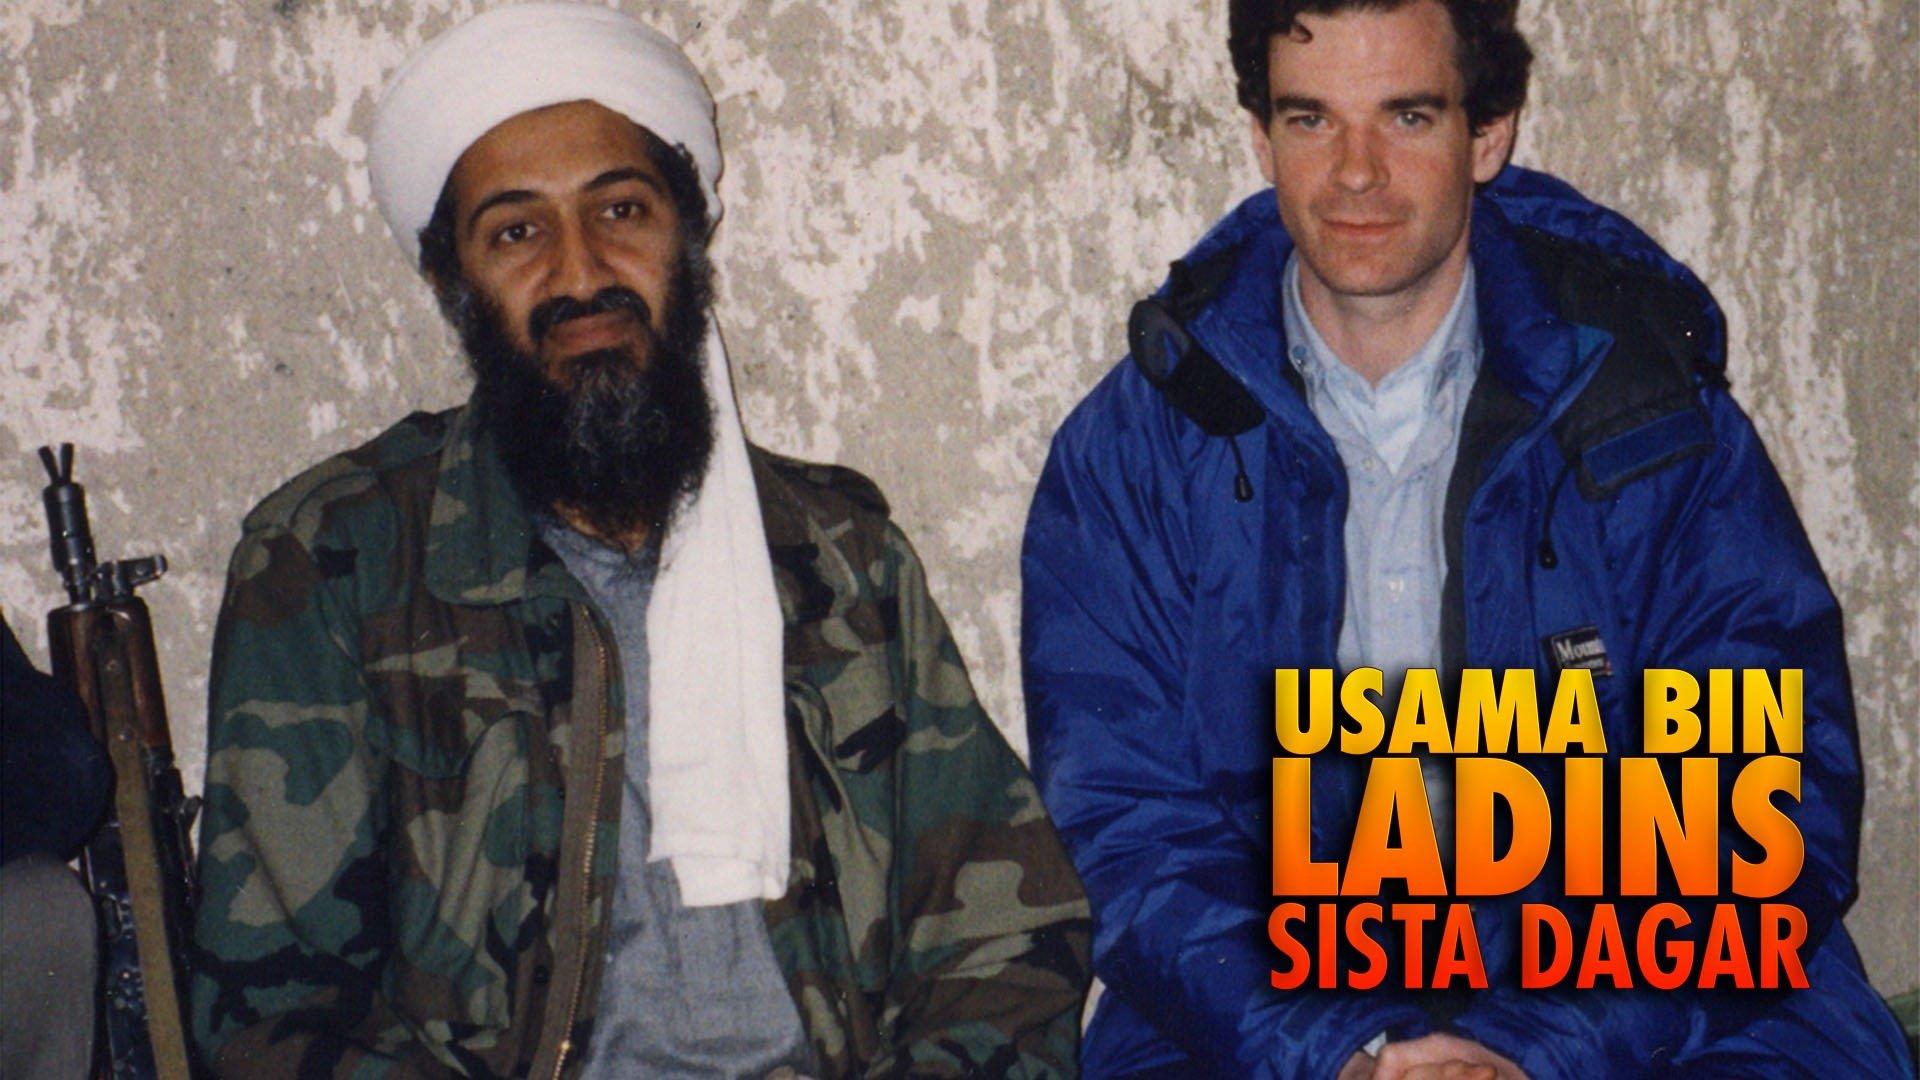 Usama Bin Ladins sista dagar